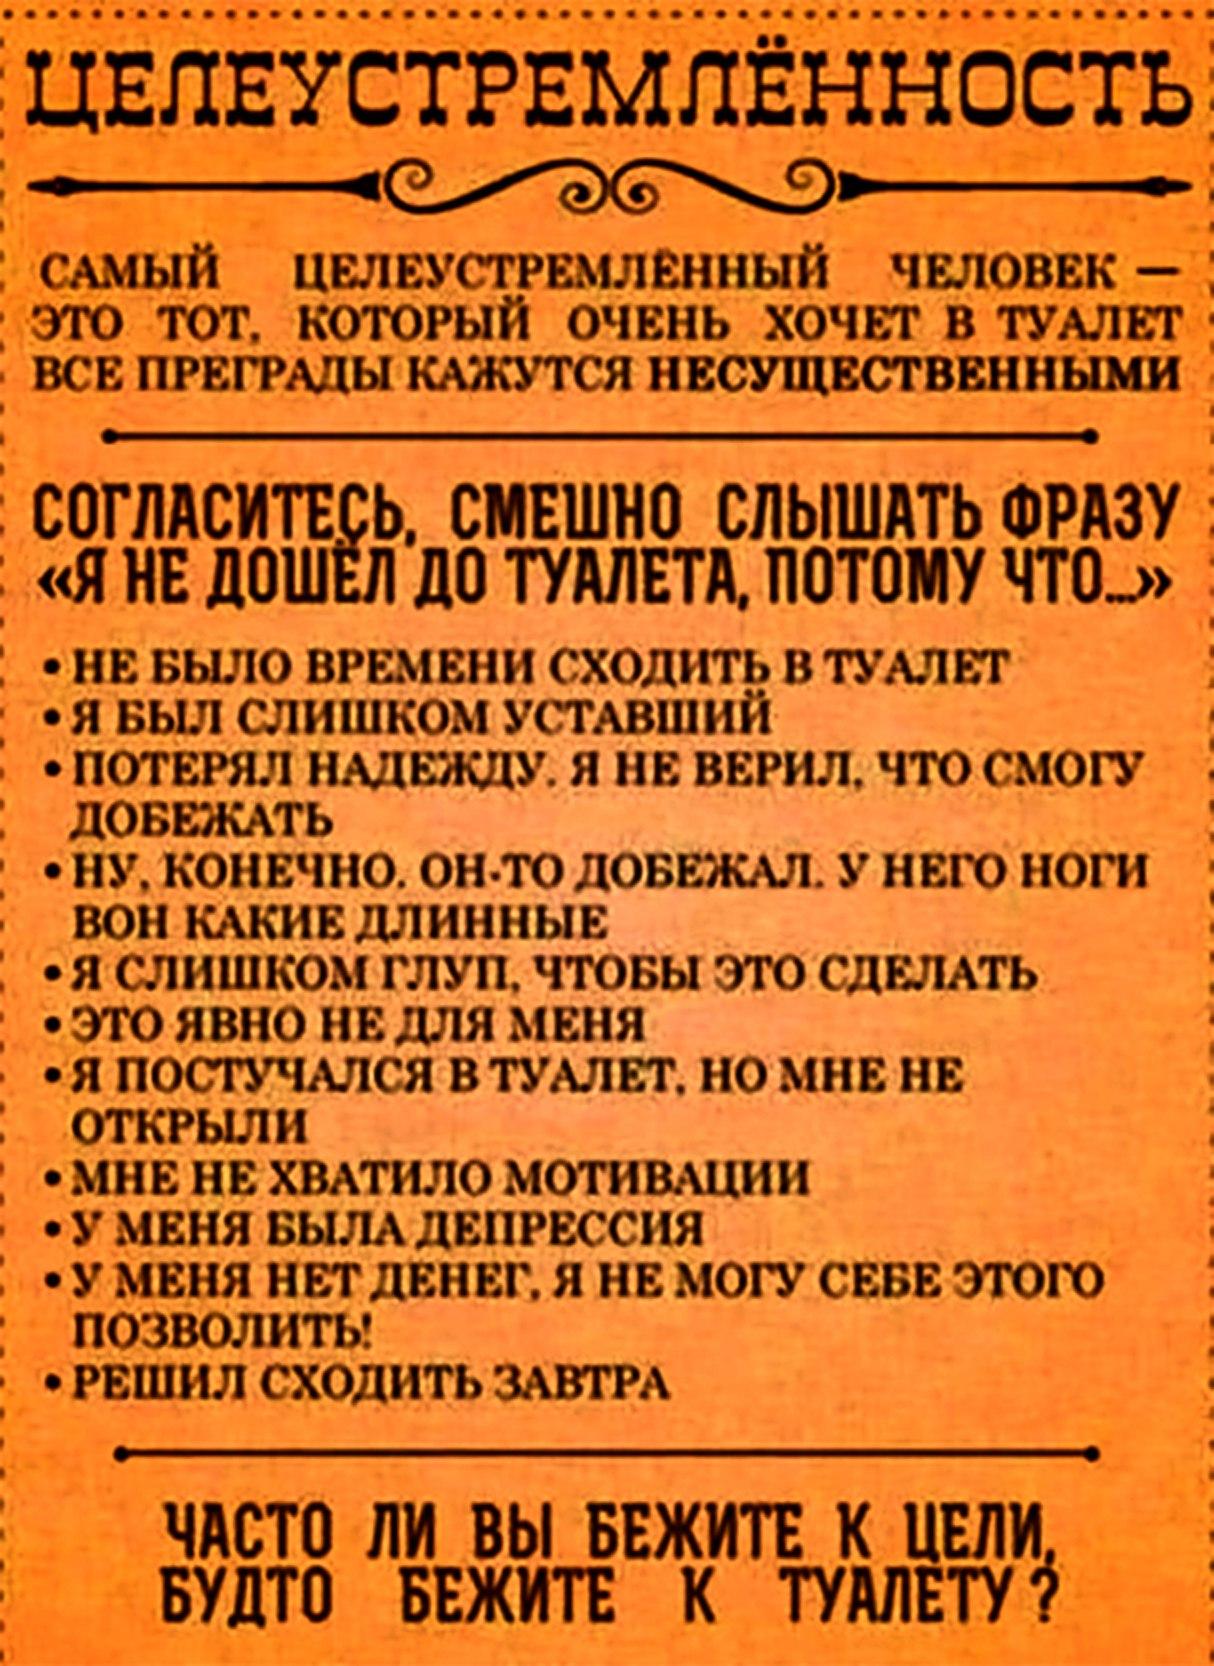 dz-5j3rGt58.jpg